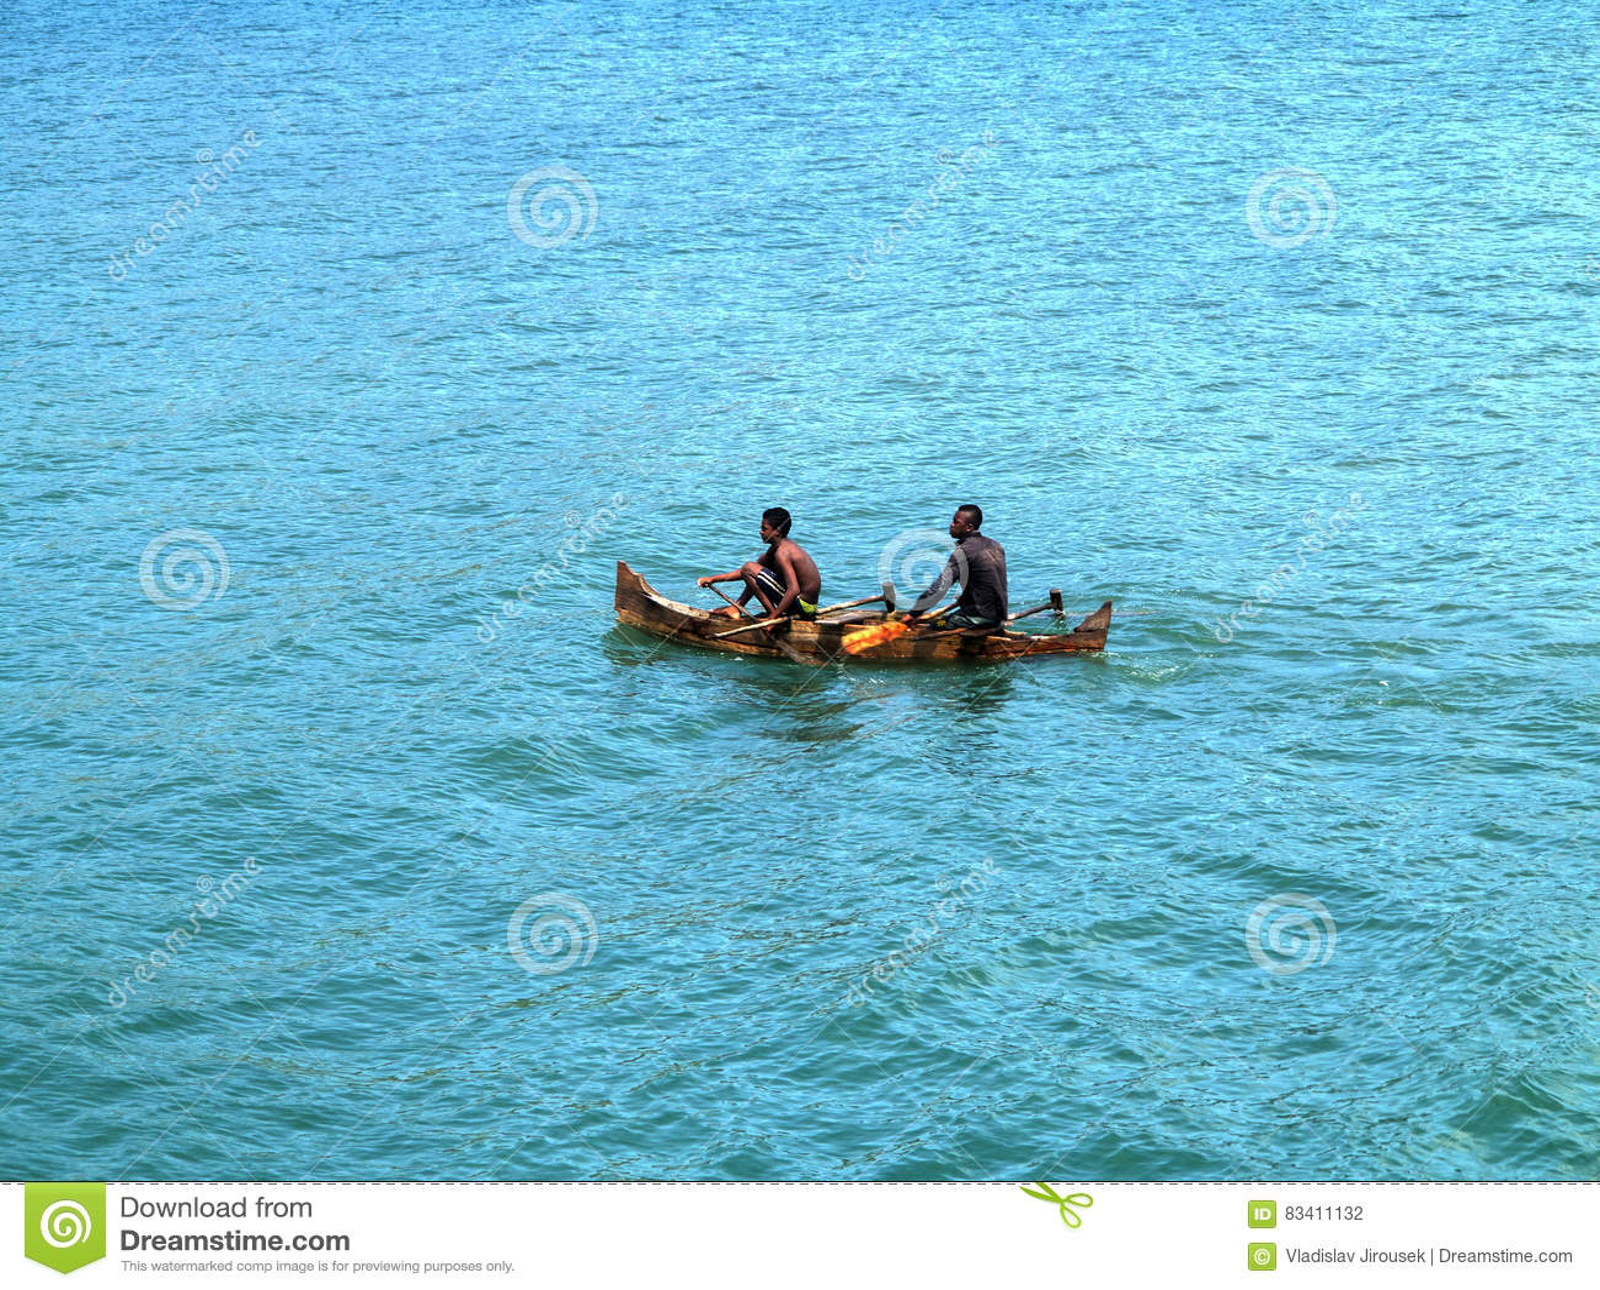 Kleine Fischerboote in der Bucht oagascar,